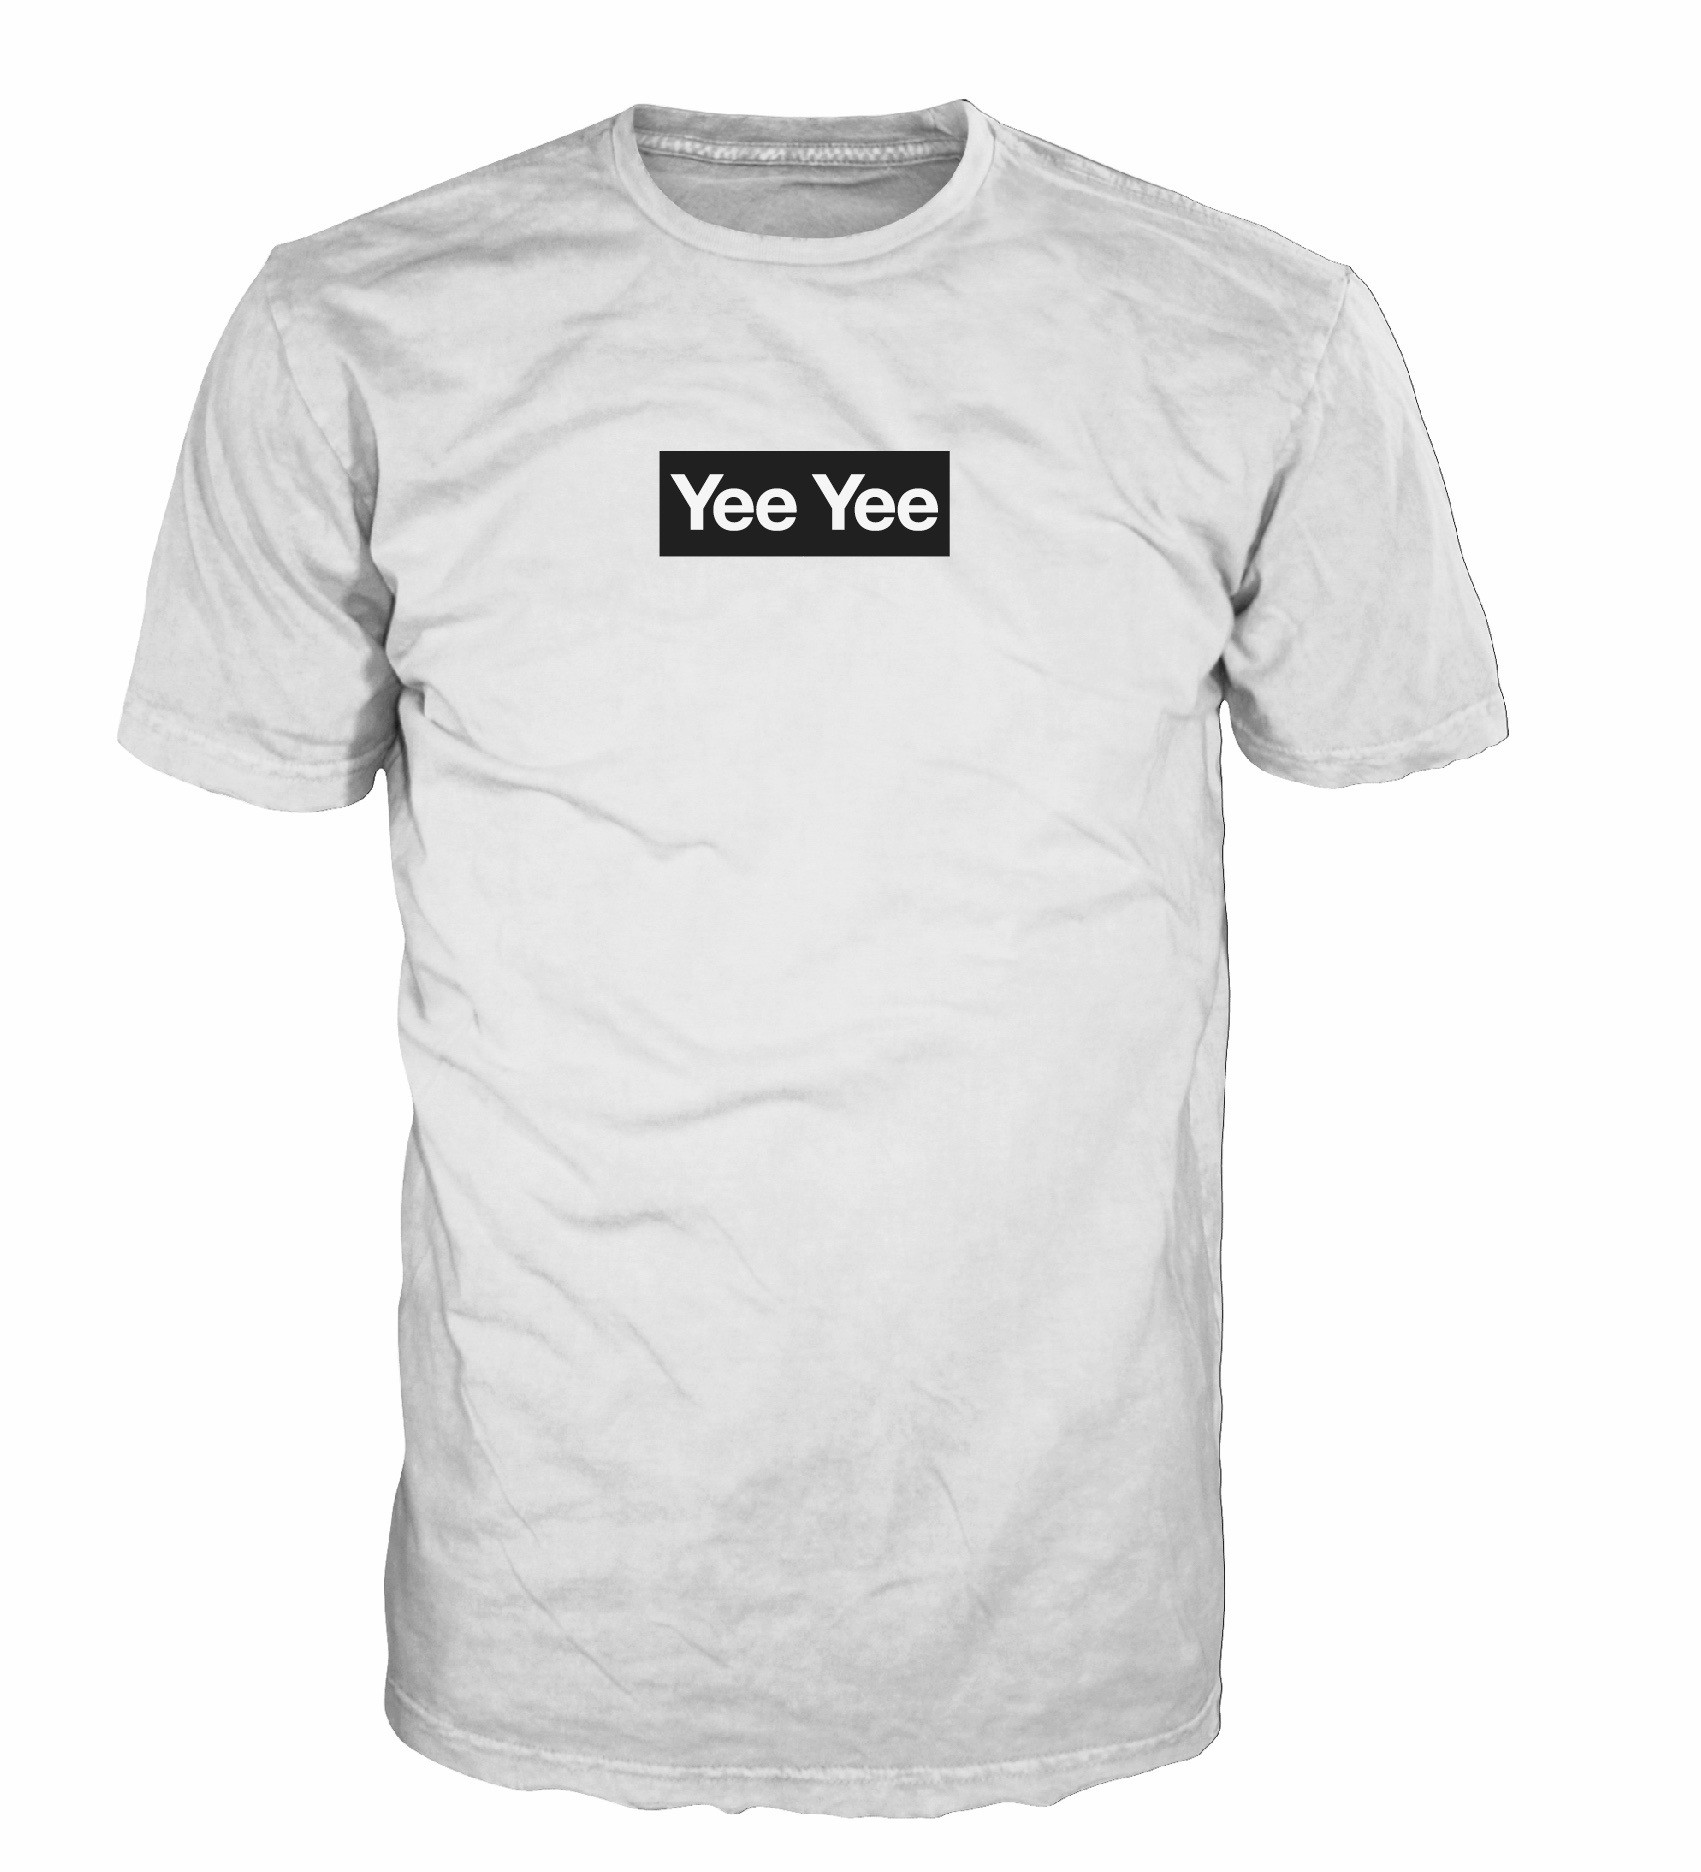 Exclusive Yee Yee Tee